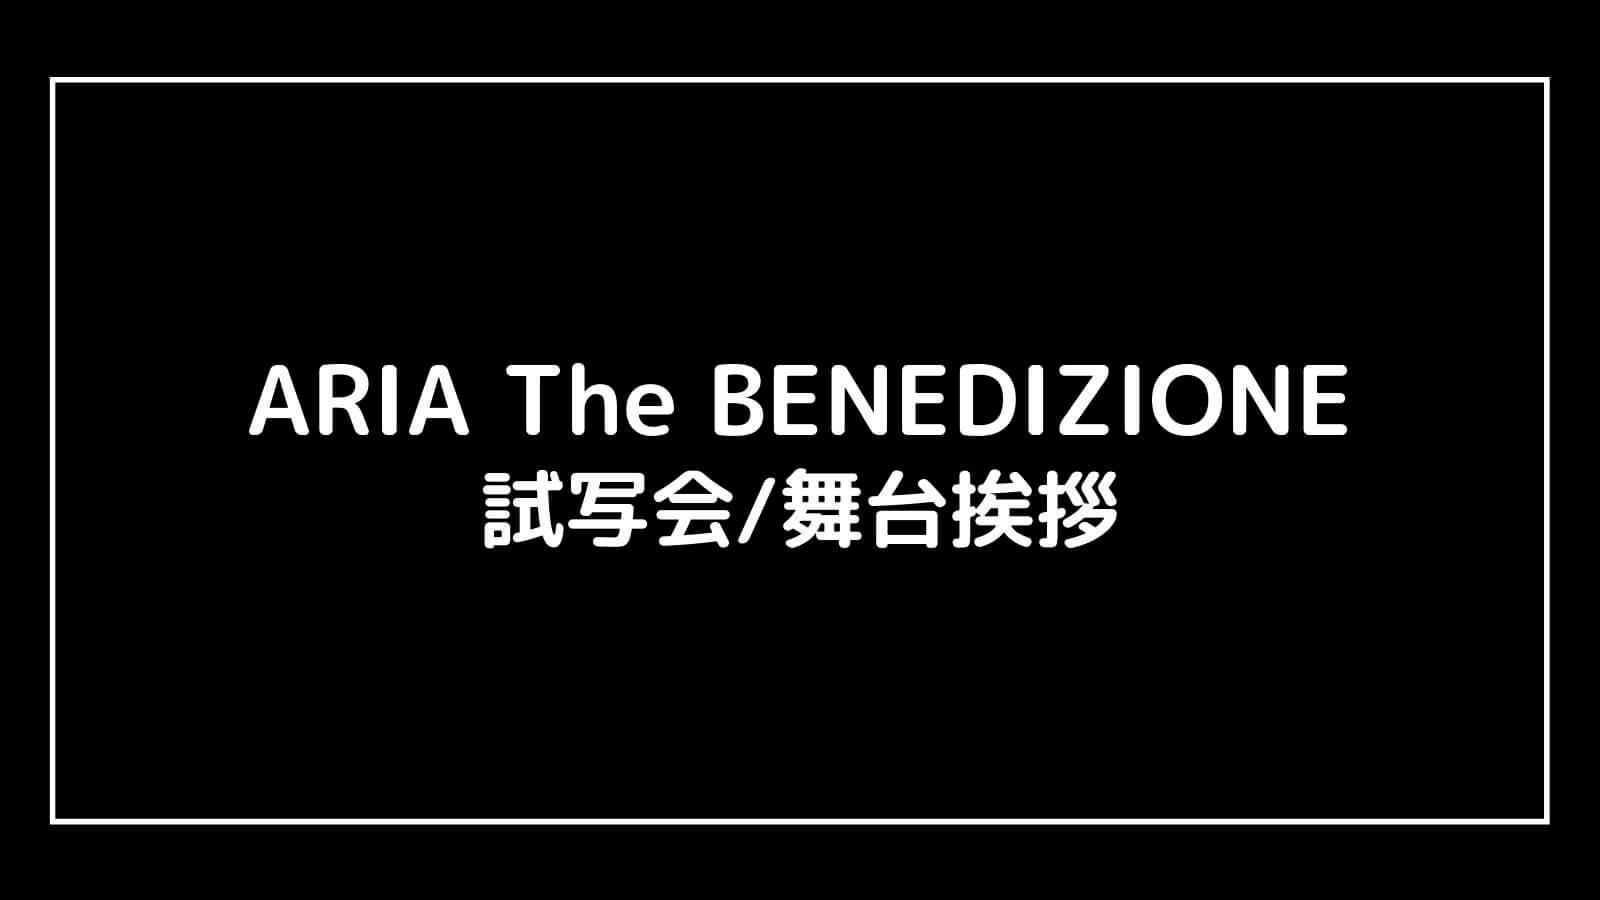 映画『ARIA The BENEDIZIONE』の試写会と舞台挨拶ライブビューイング情報